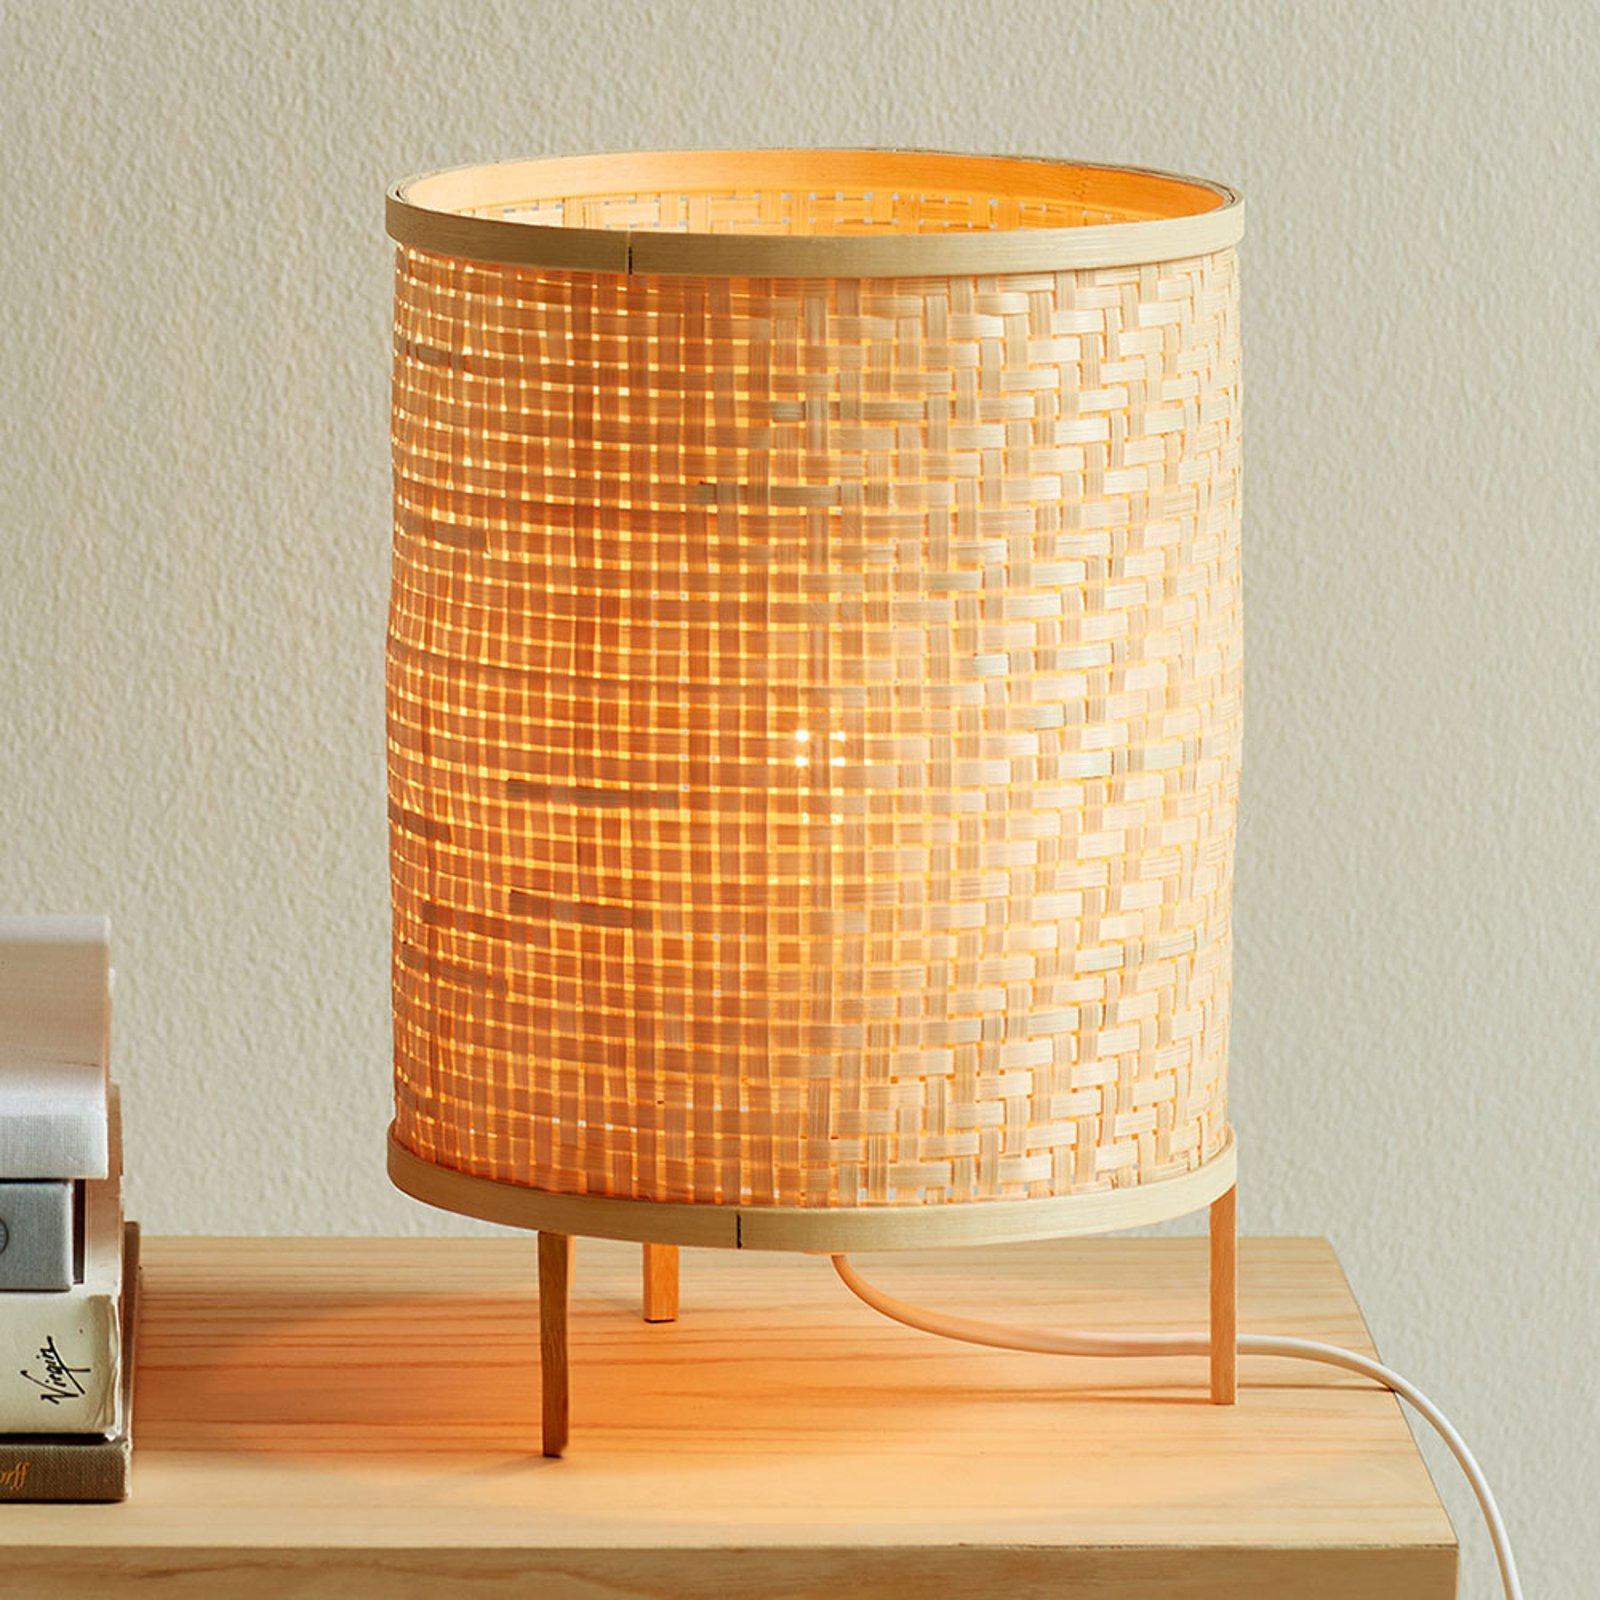 Bordlampe Trinidad av naturbambus